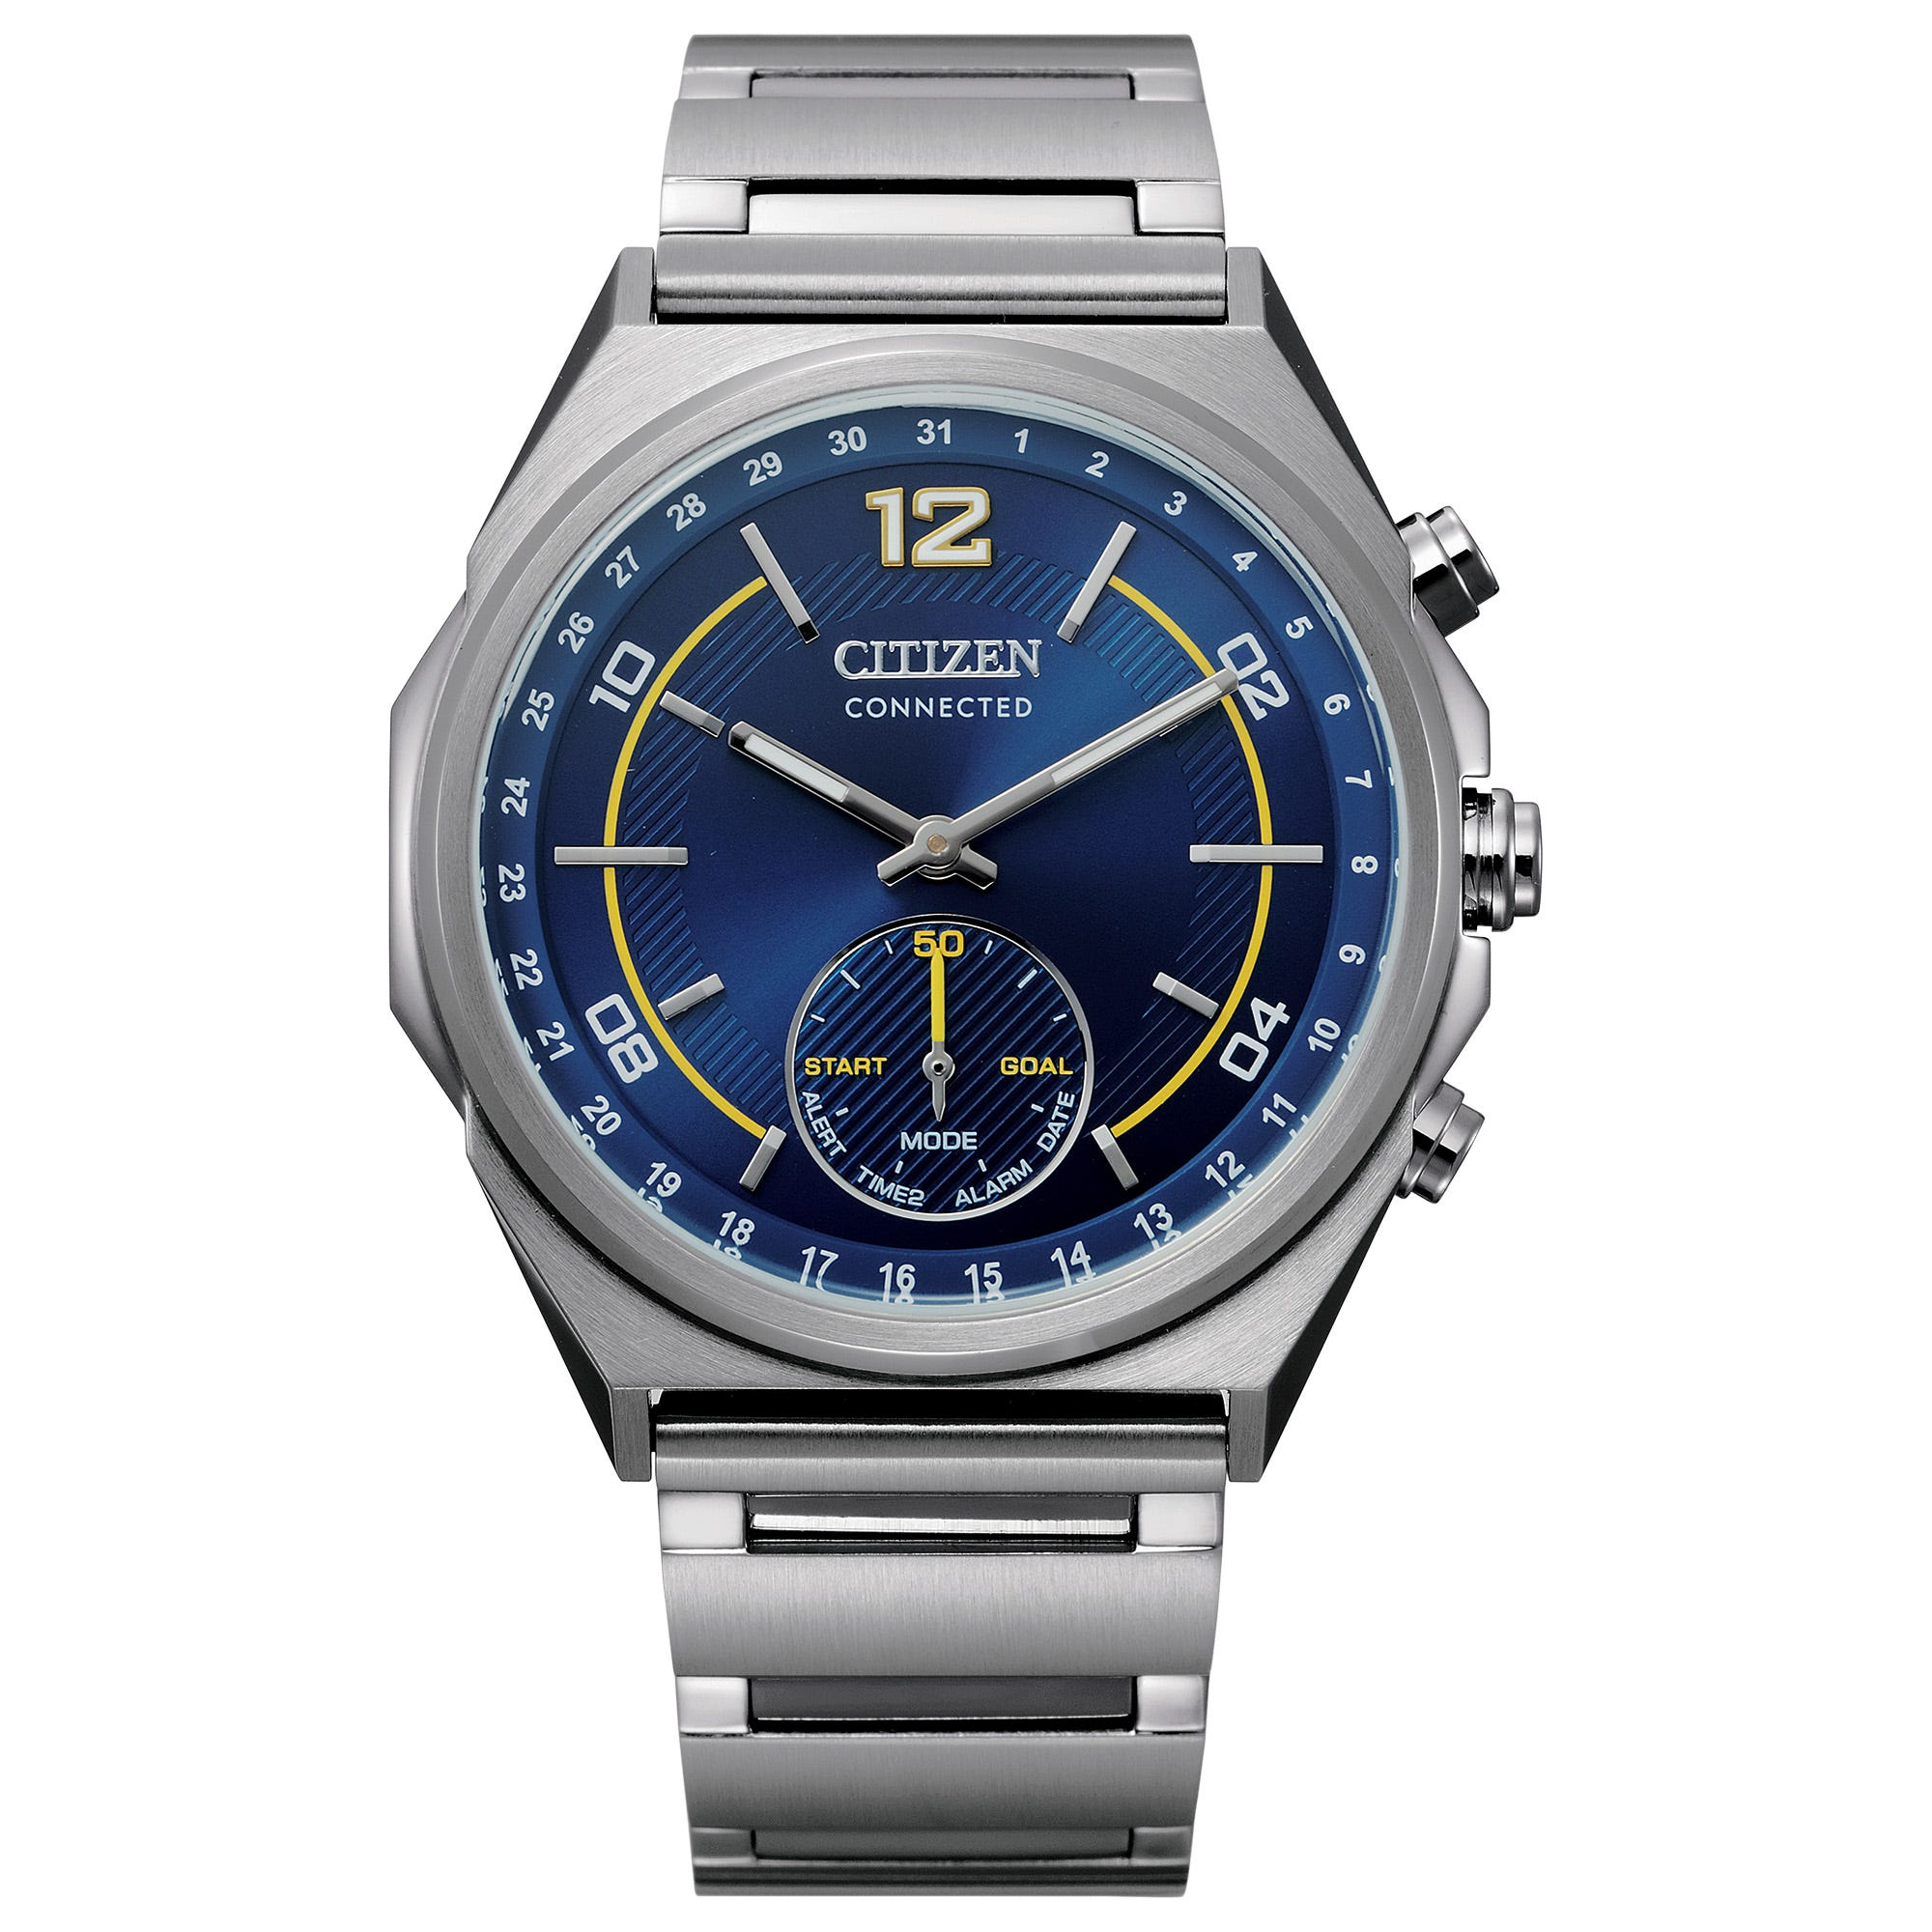 Citizen Men's Connected Watch CX0000-55L